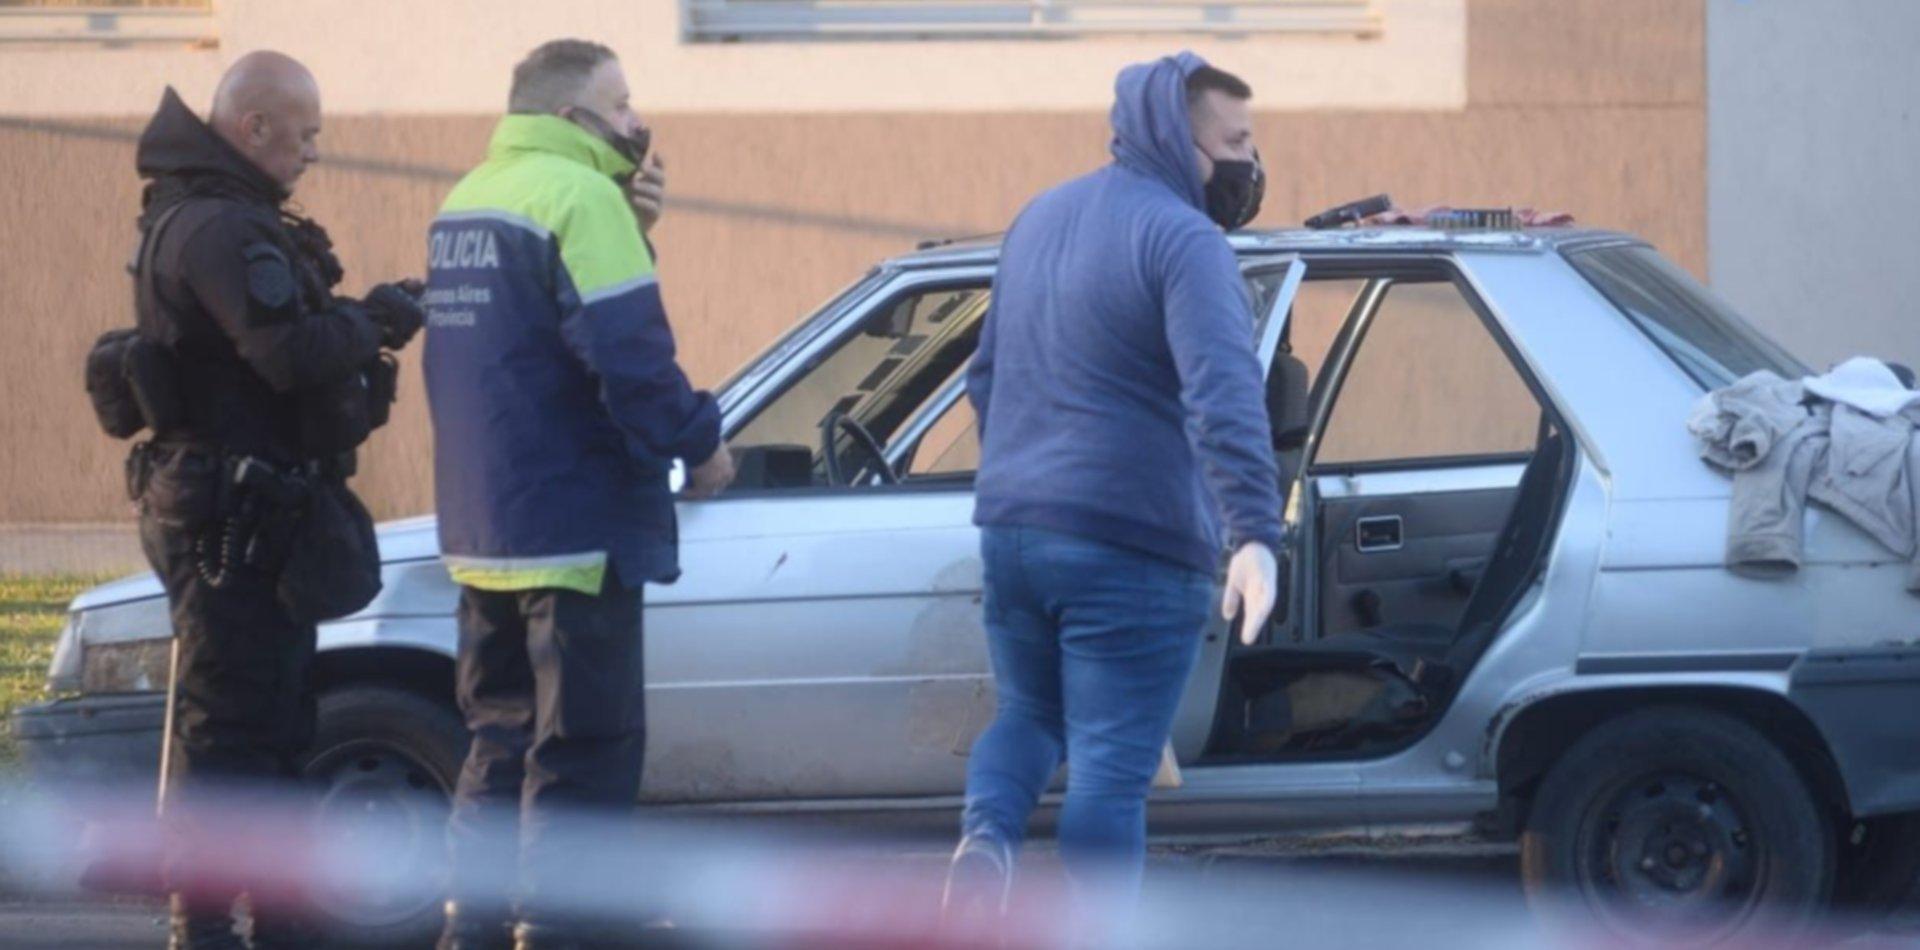 Tensión y tiroteo en Tolosa: un ladrón y un policía resultaron heridos